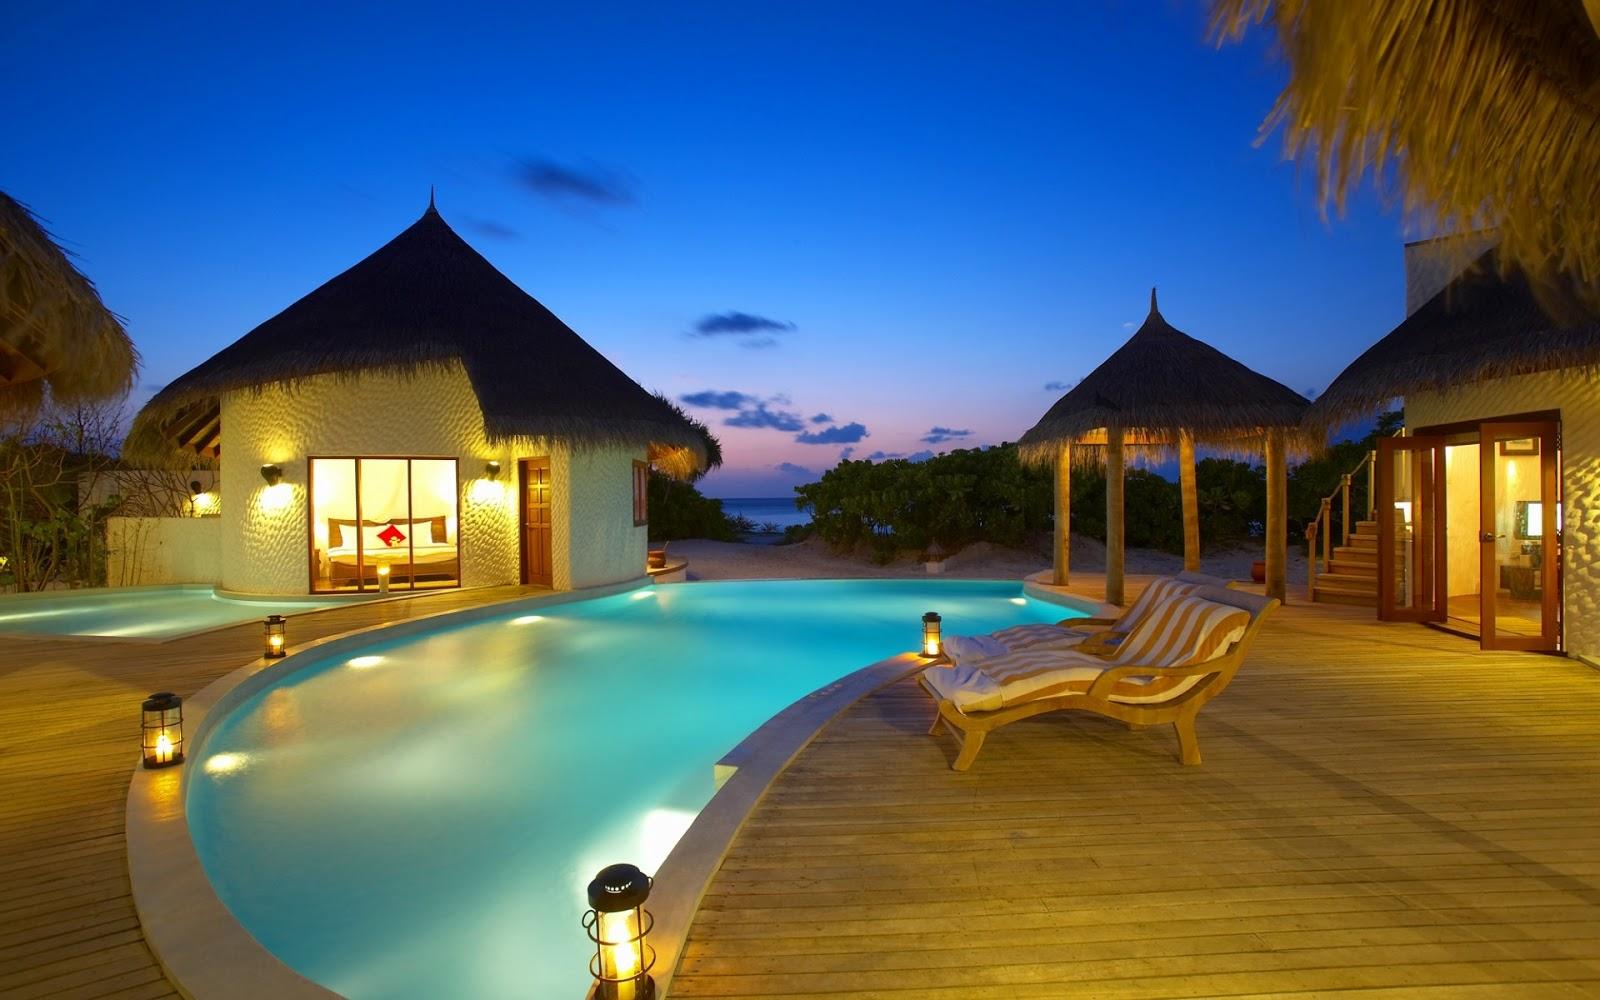 Banco de im genes hotel de 5 estrellas en las islas maldivas for Islas maldivas hoteles en el agua